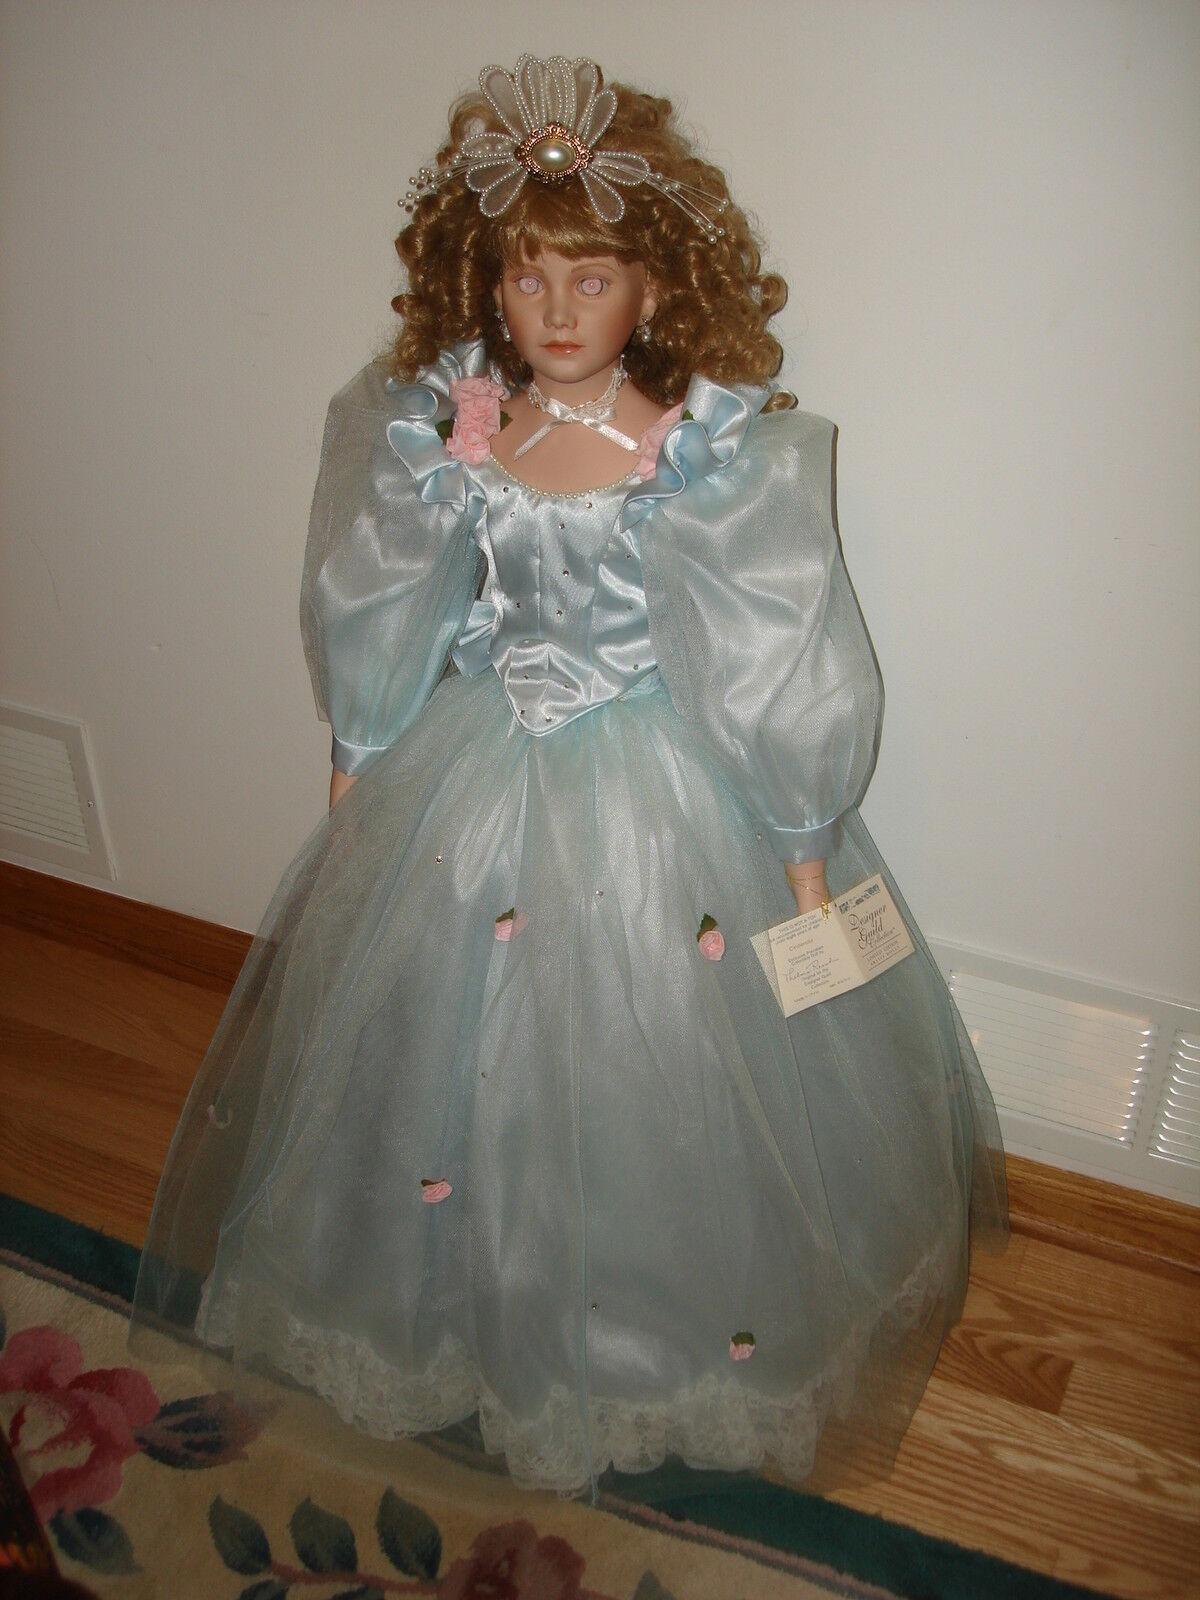 1994 296 2000 Thelma Resch Cenicienta exclusivo de porcelana muñeca de colección 35